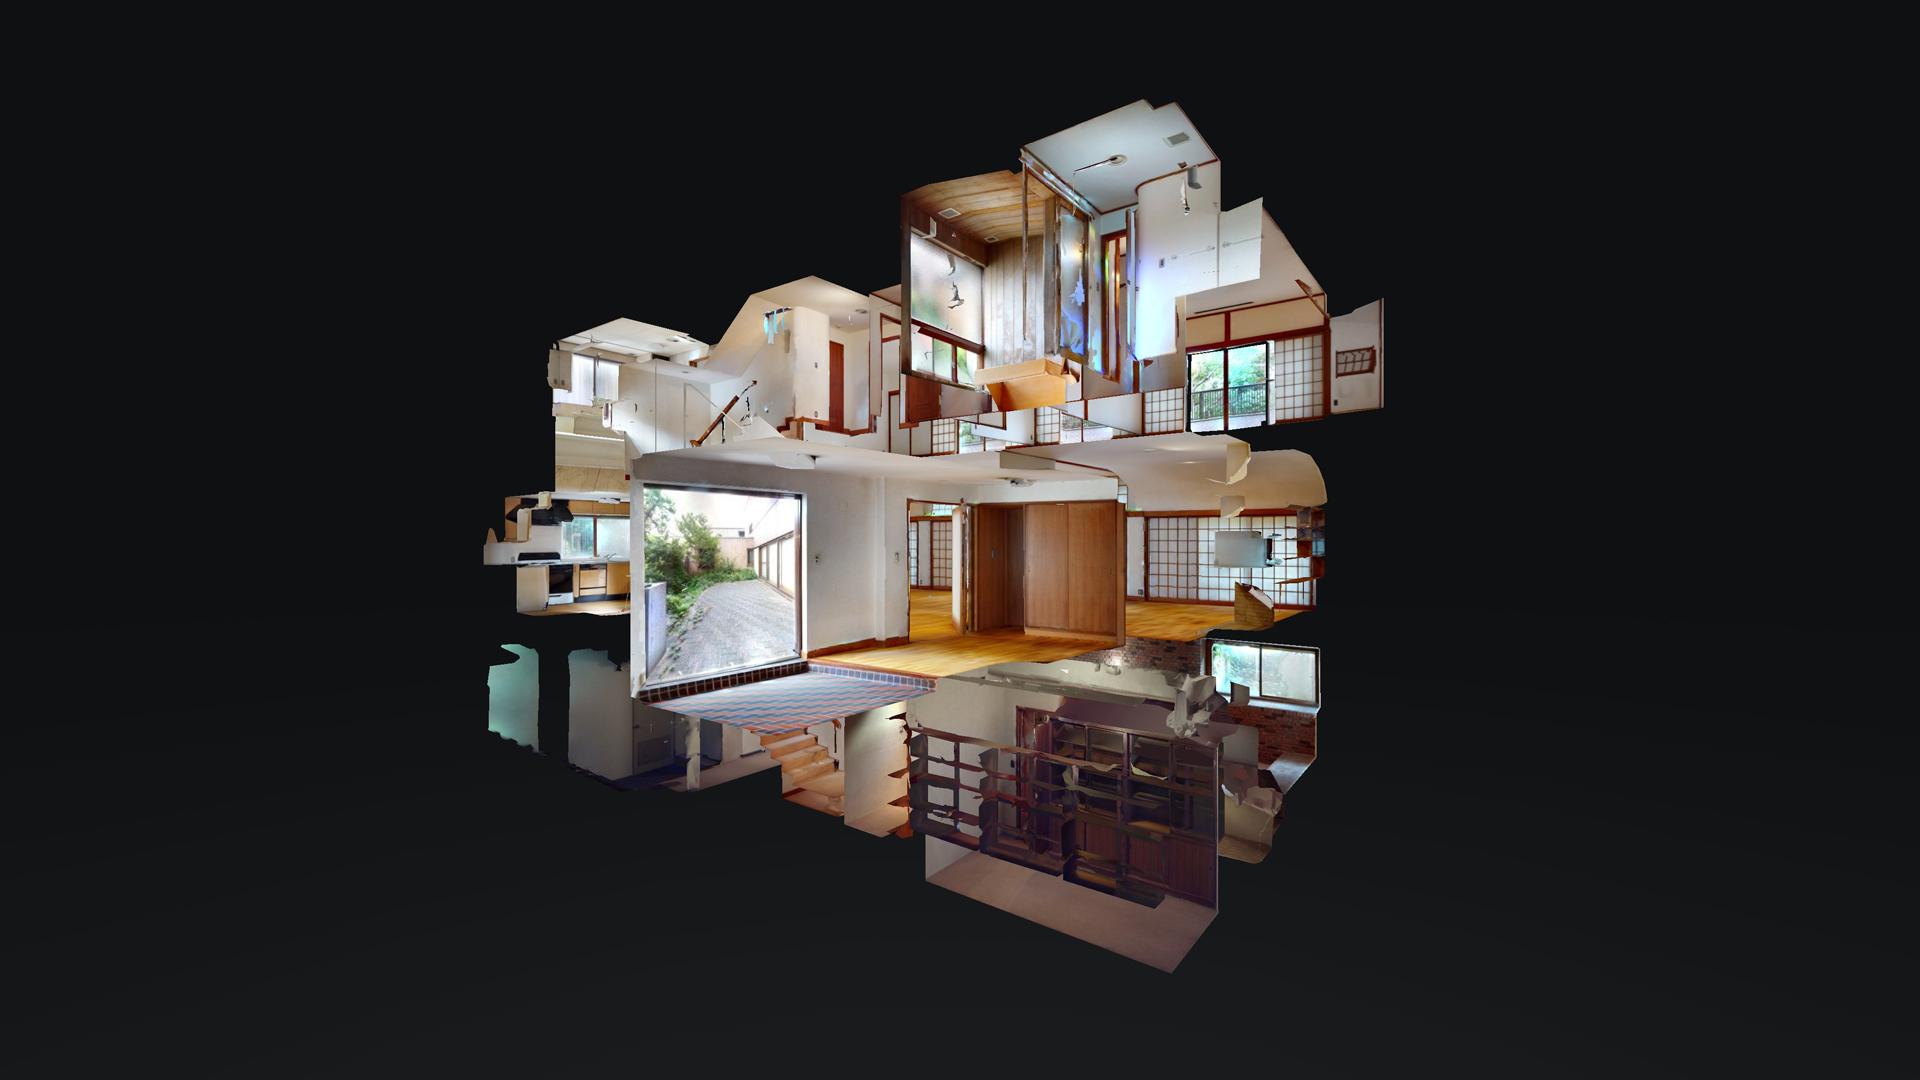 新進気鋭の建築家による空間を世界中どこでも体験できる「ARCHI HATCH」がスタート